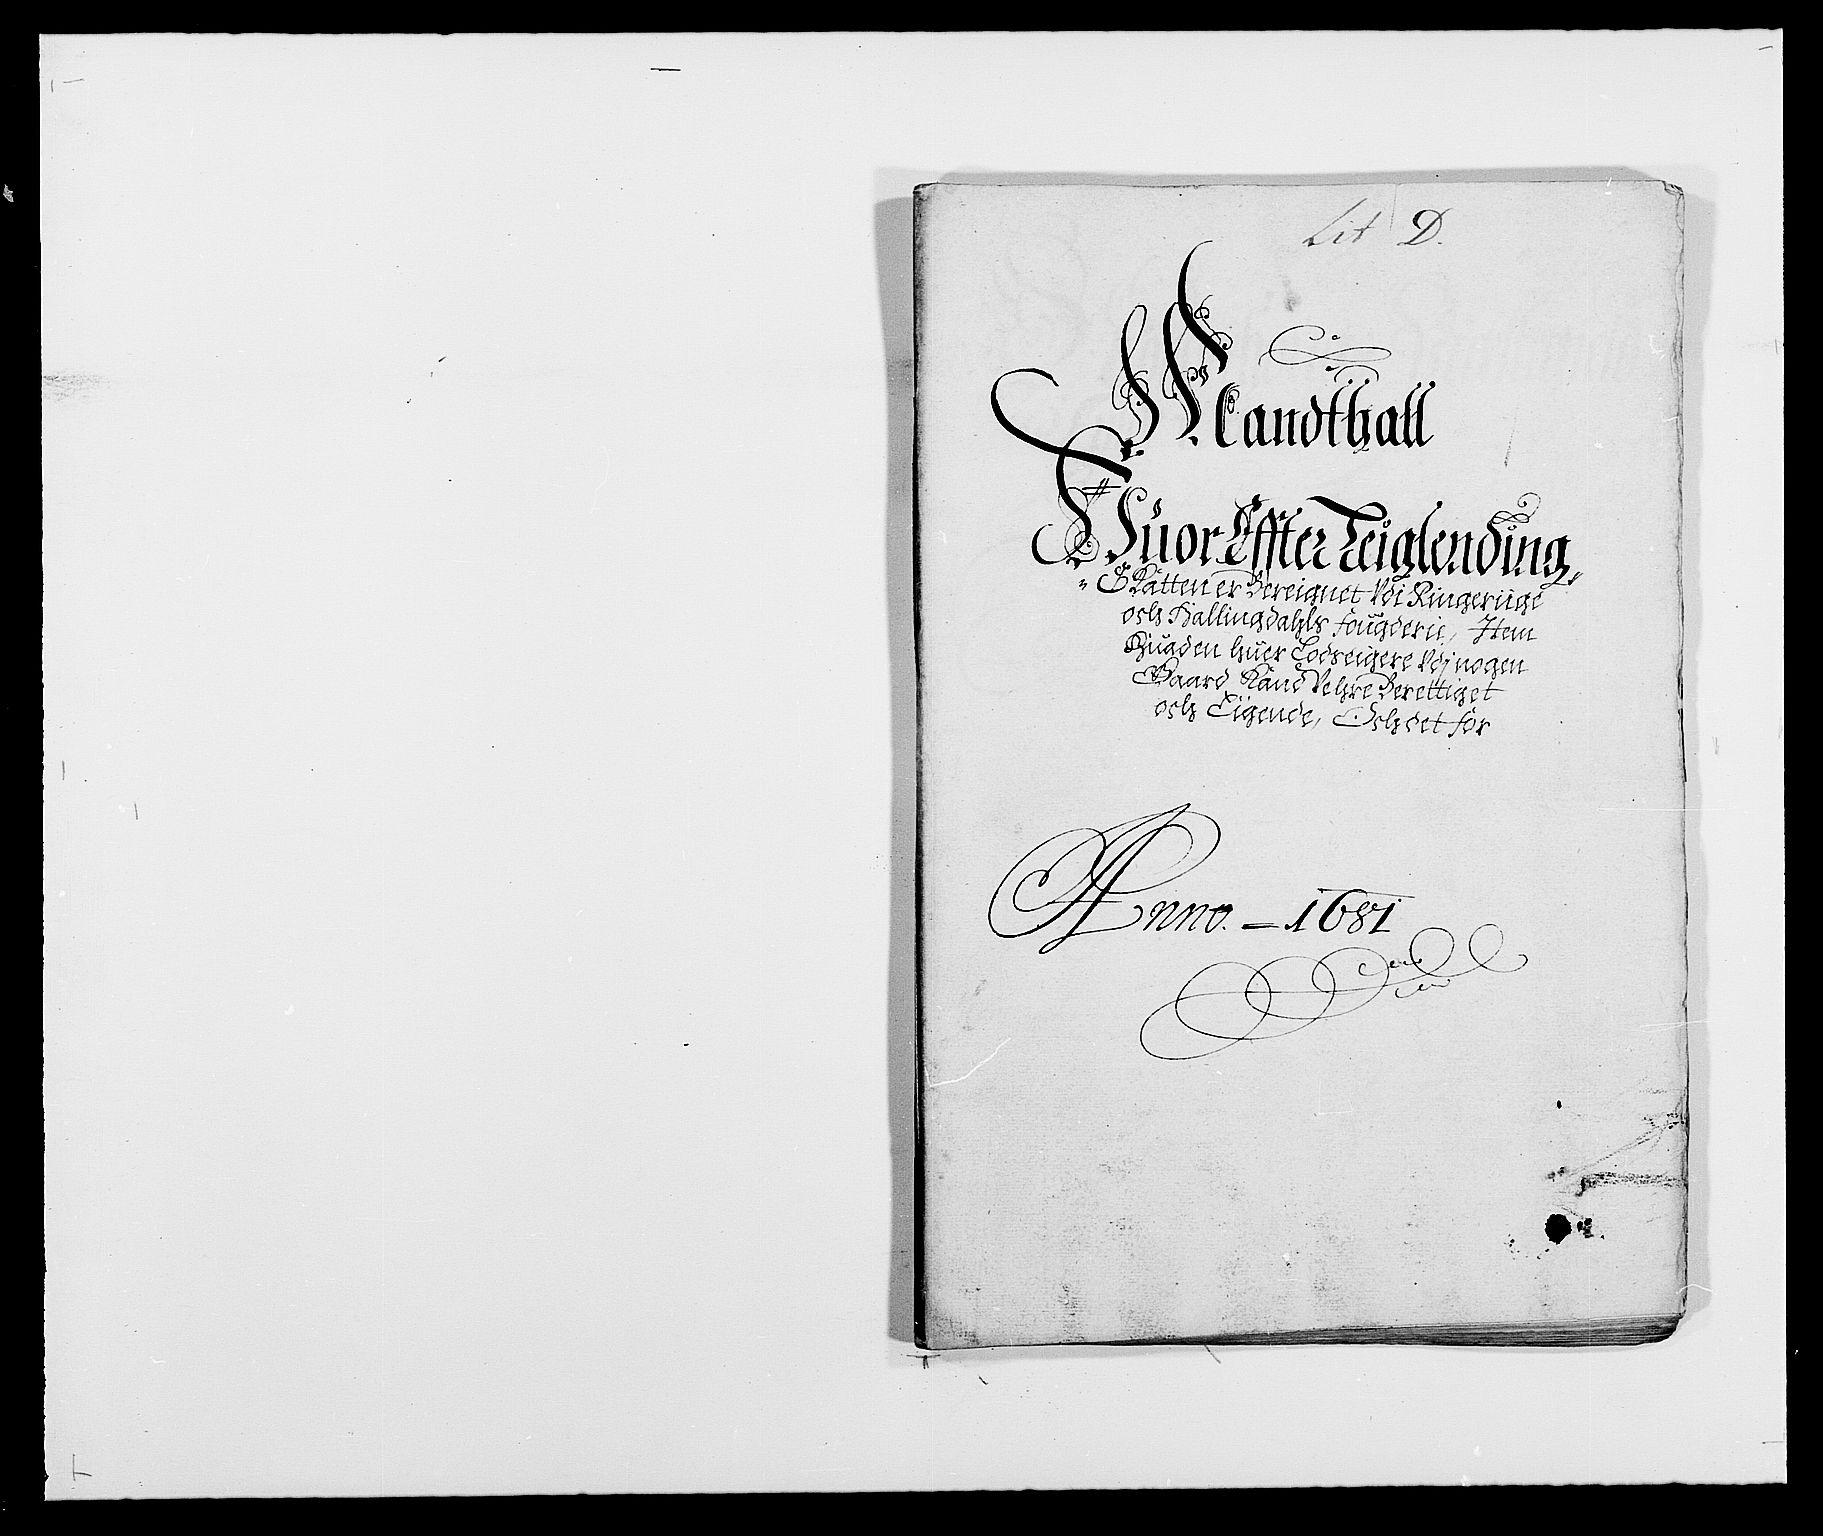 RA, Rentekammeret inntil 1814, Reviderte regnskaper, Fogderegnskap, R21/L1445: Fogderegnskap Ringerike og Hallingdal, 1681-1689, s. 85